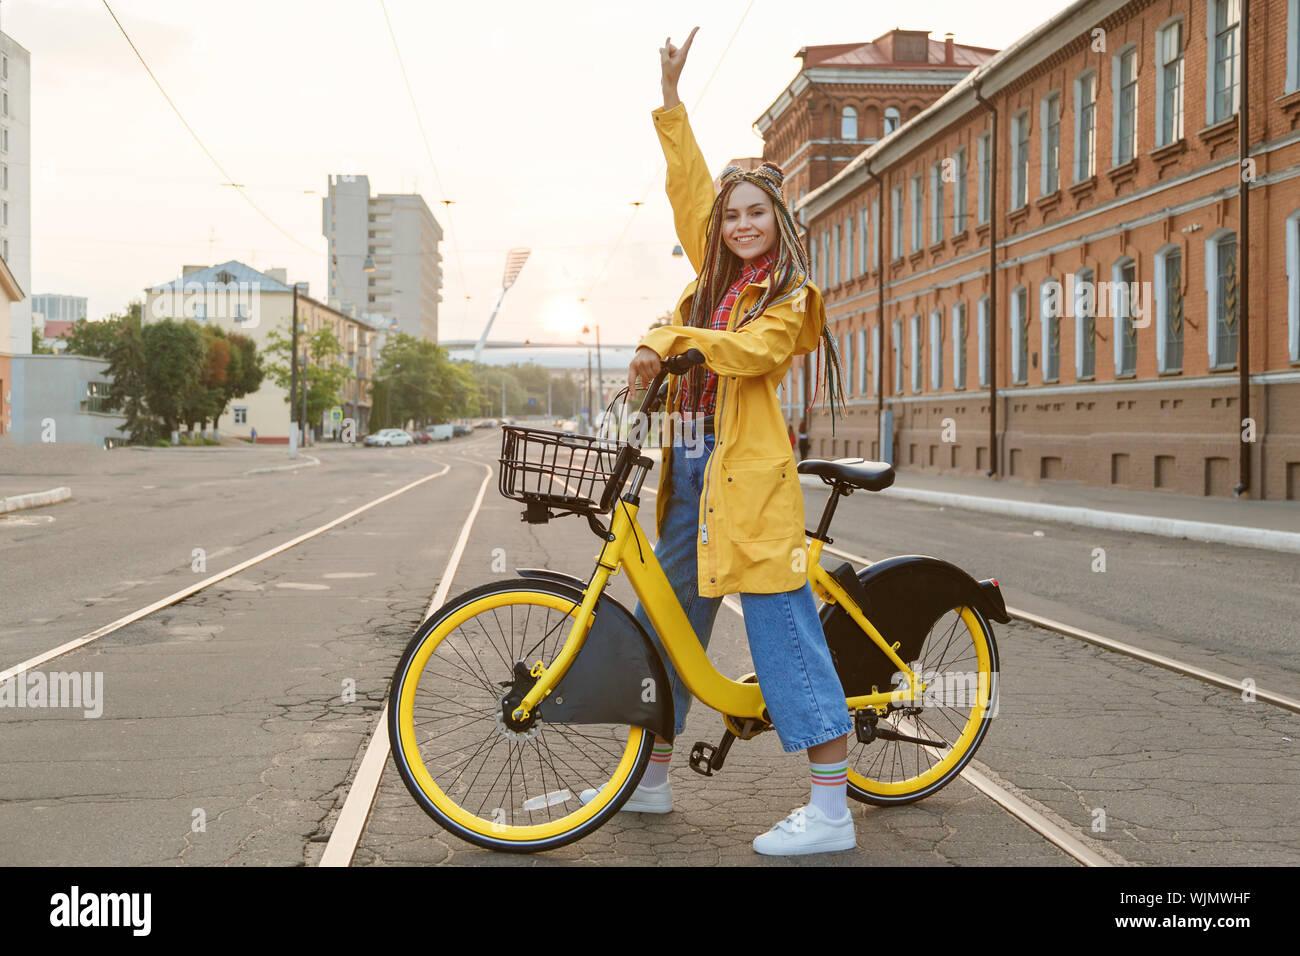 Mujer joven vistiendo abrigo color amarillo y pigtails, montando en bicicleta en la ciudad. Foto de stock